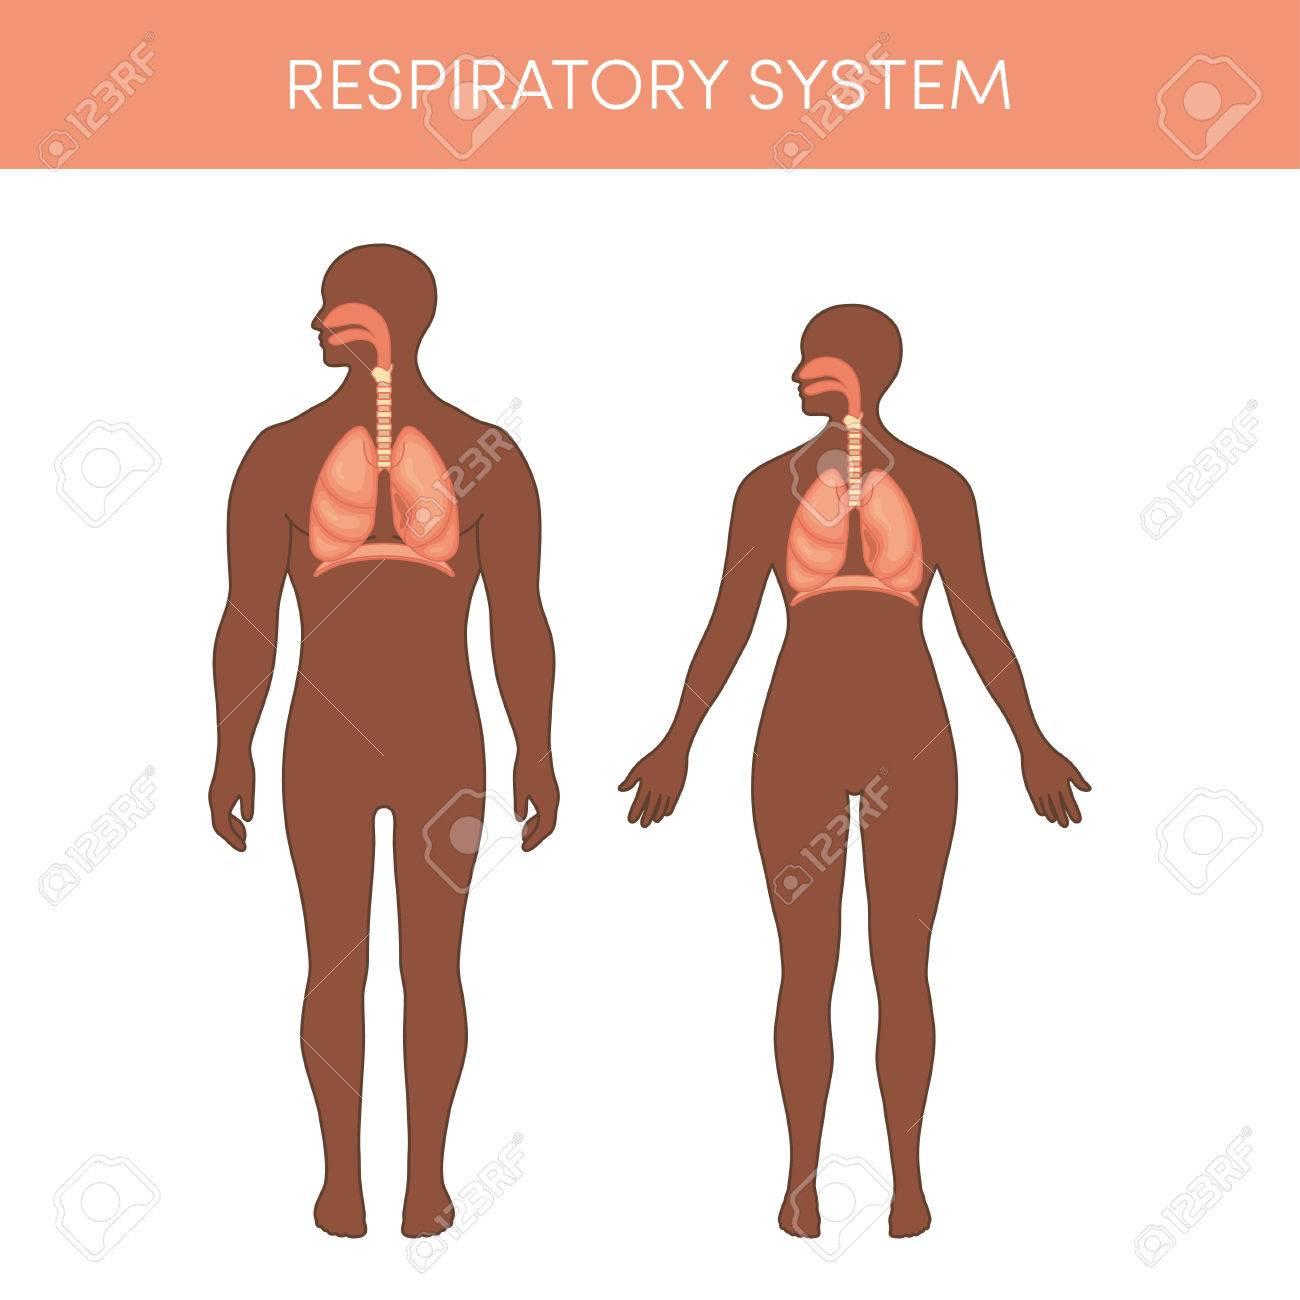 Atmungssystem Eines Menschen. Cartoon Vektor-Illustration Für ...